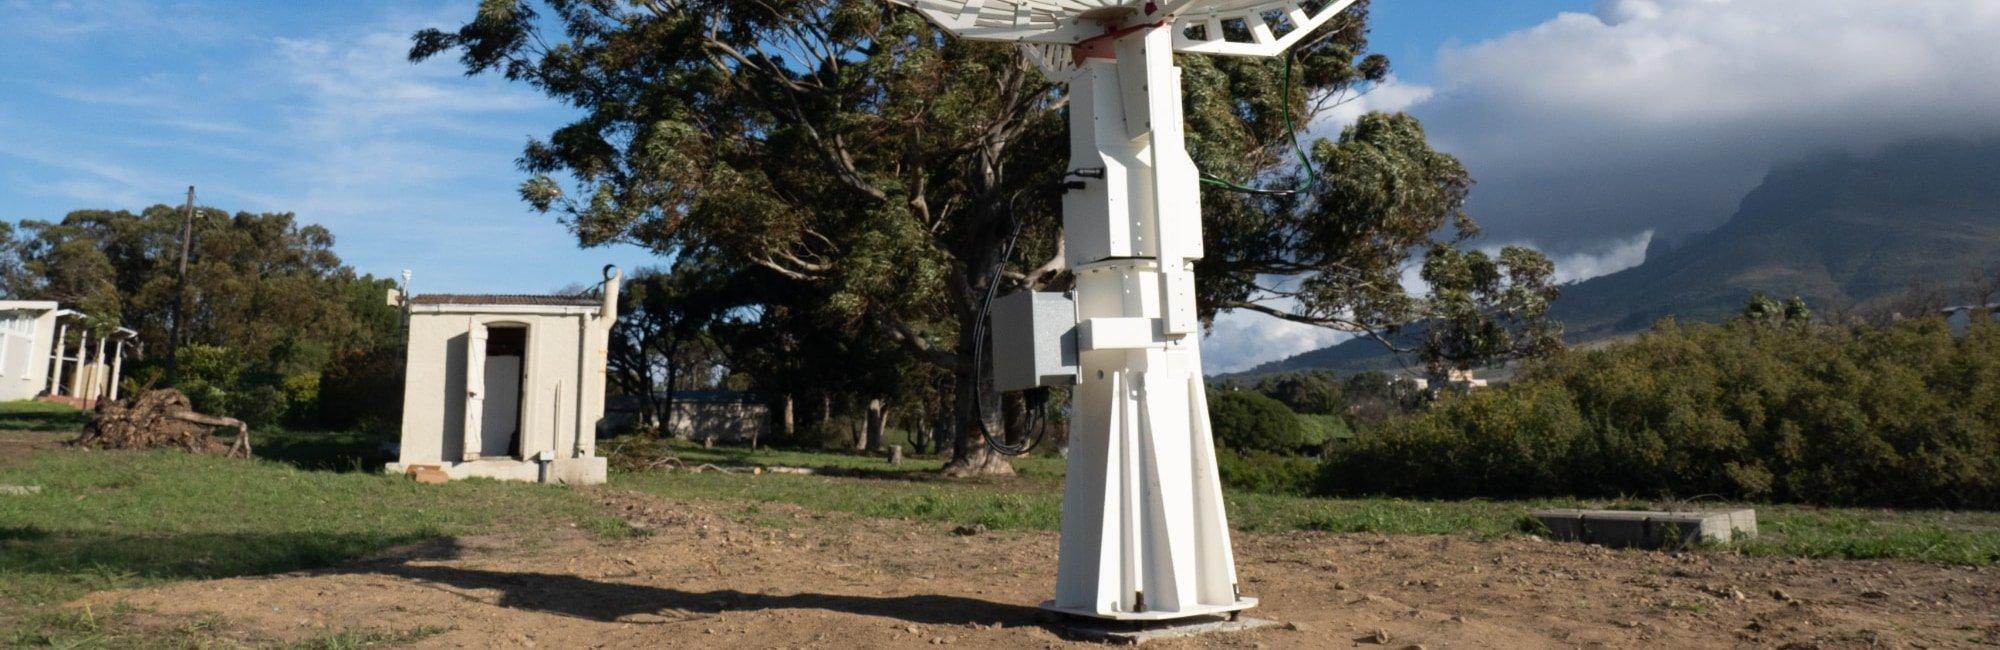 C106-HEAVY pier for radio telescopes